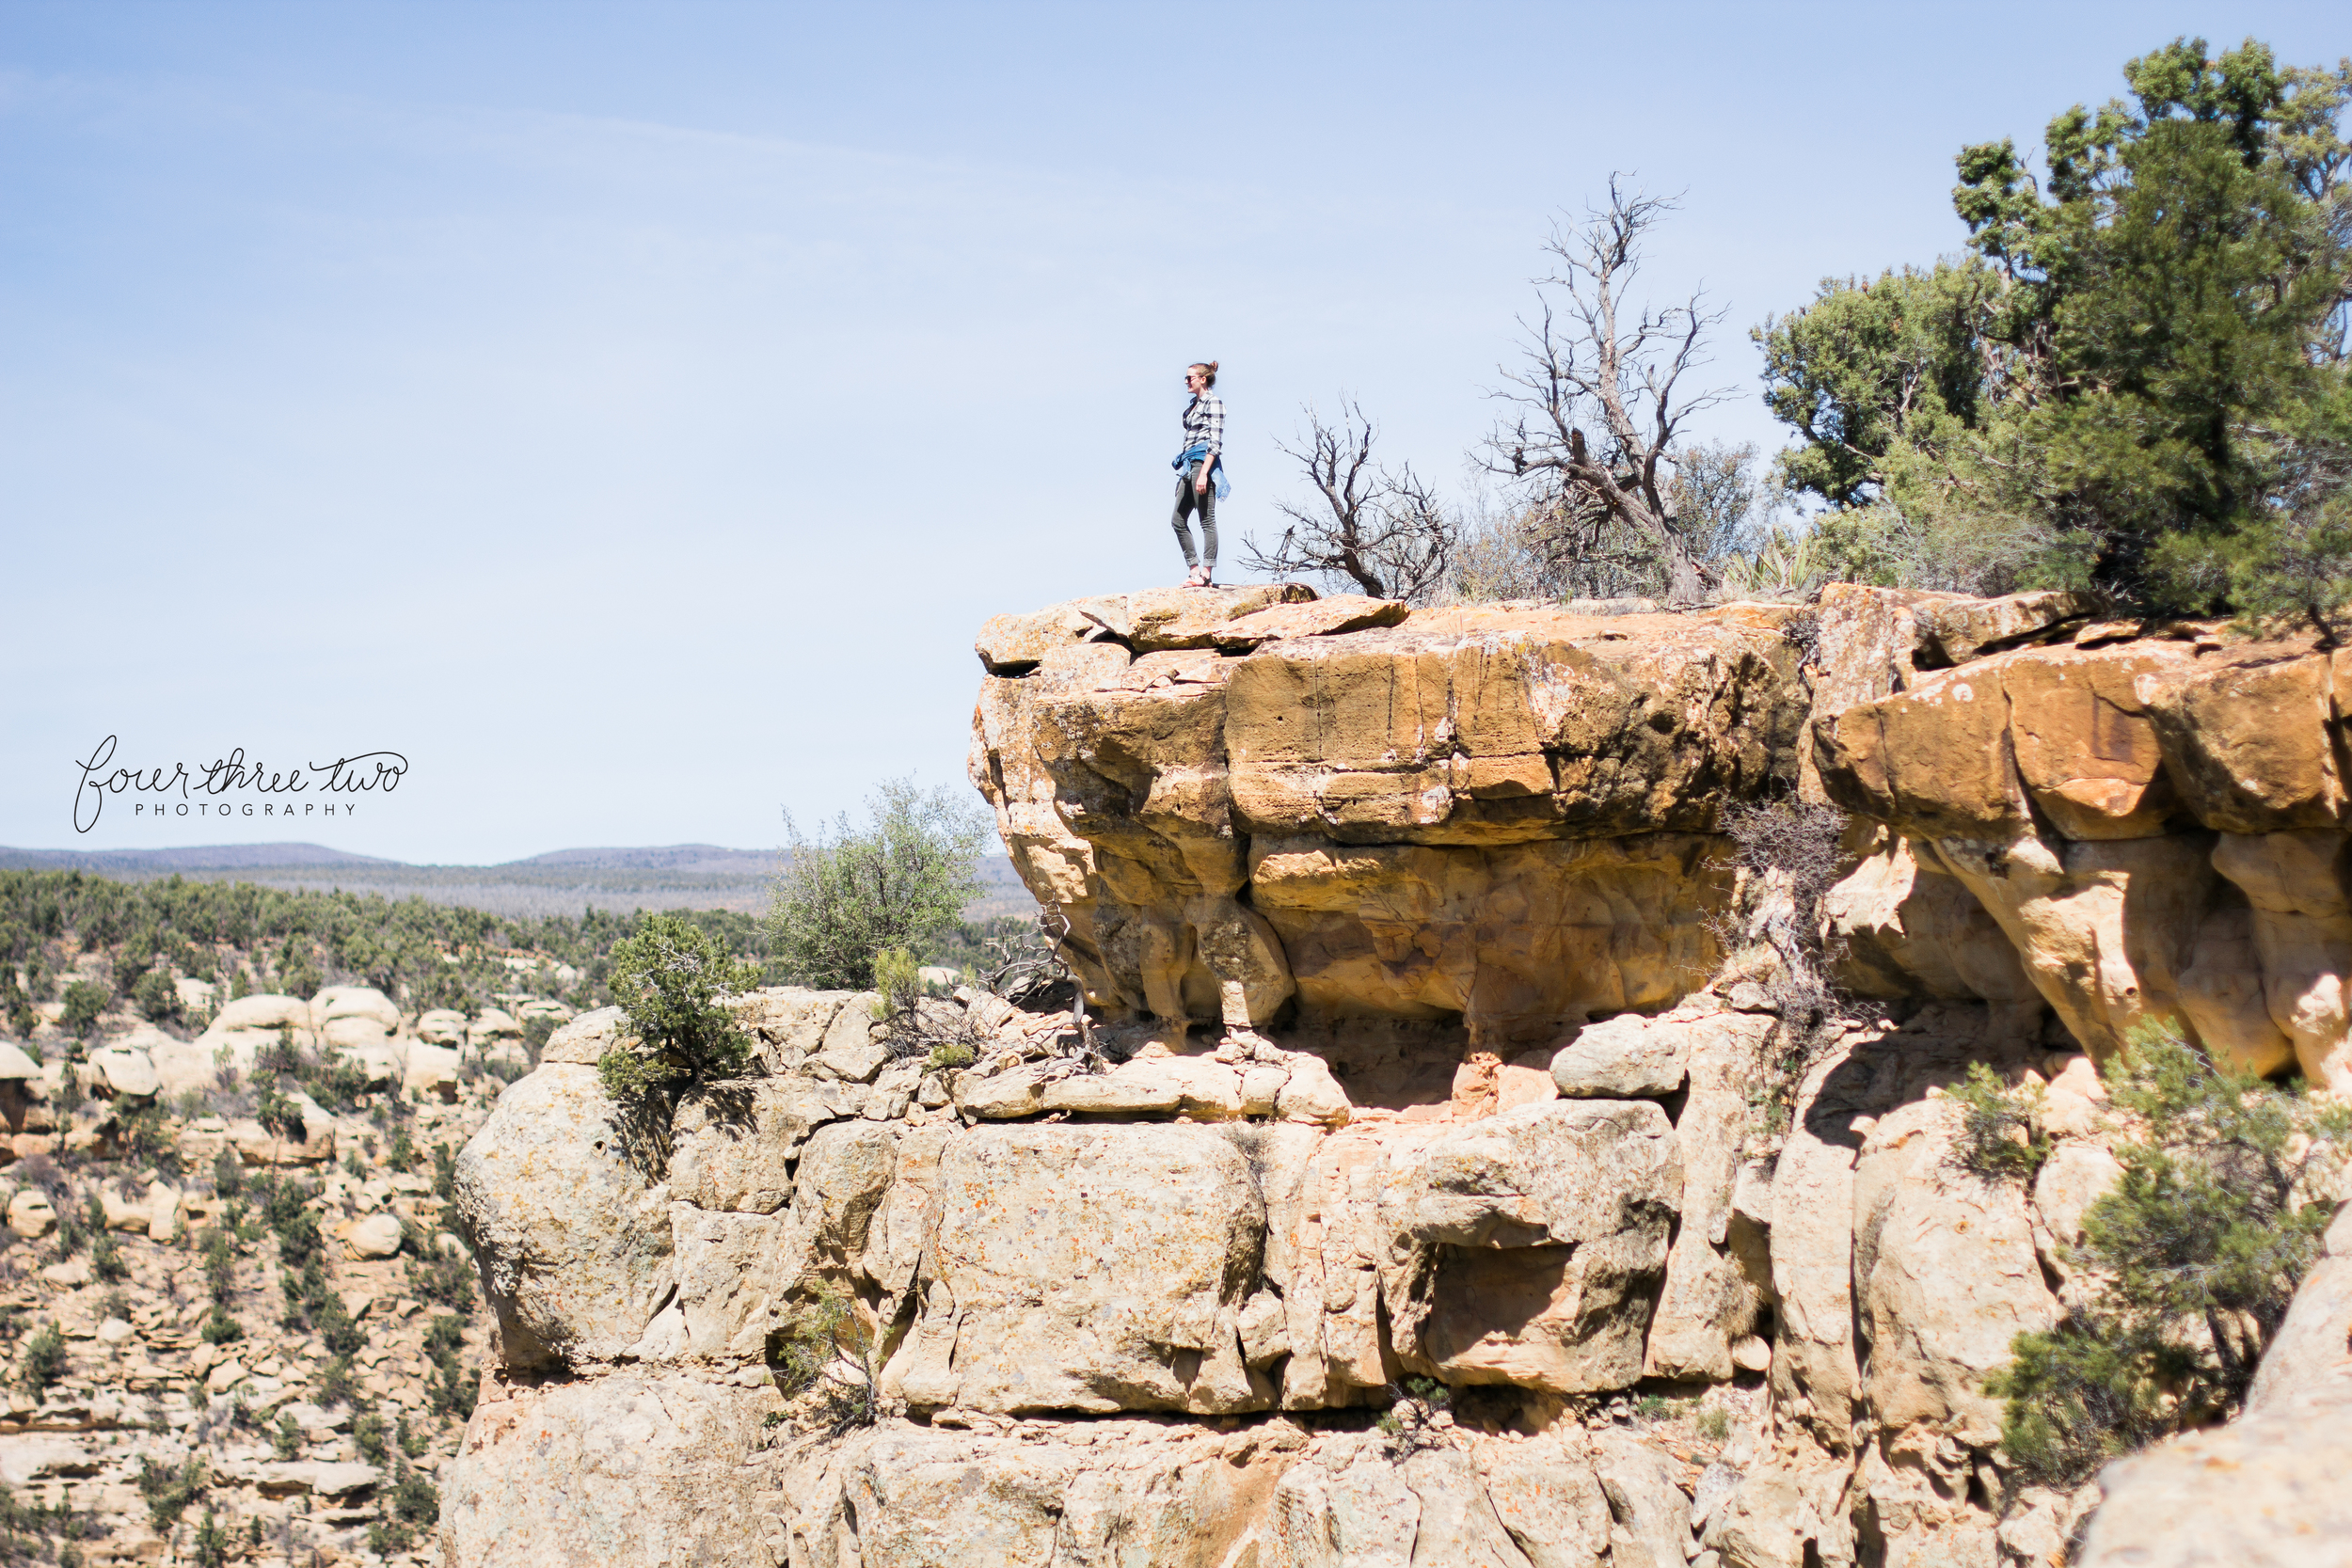 Colorado Mountain Photographer - epic lookout in Colorado